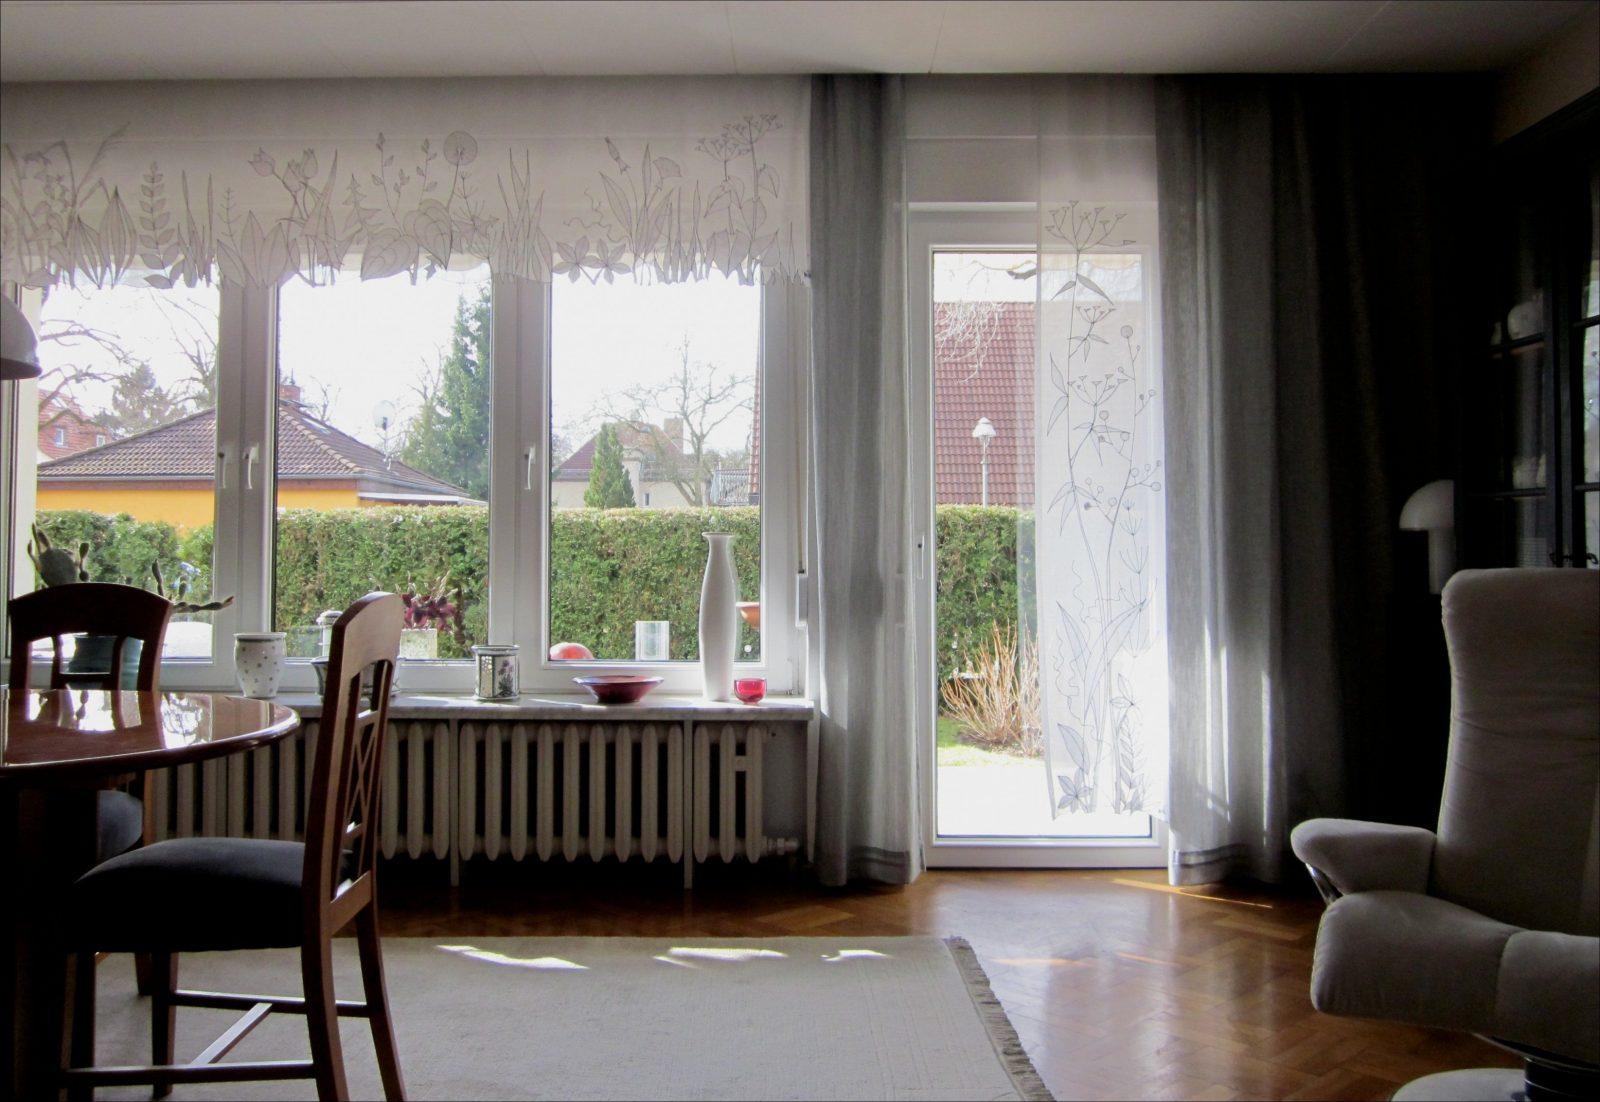 Wohnzimmer Neu Gardinen Für Wohnzimmer Ideen Gemütlich Gardinen von Gardinen Für Wohnzimmer Mit Balkontür Photo